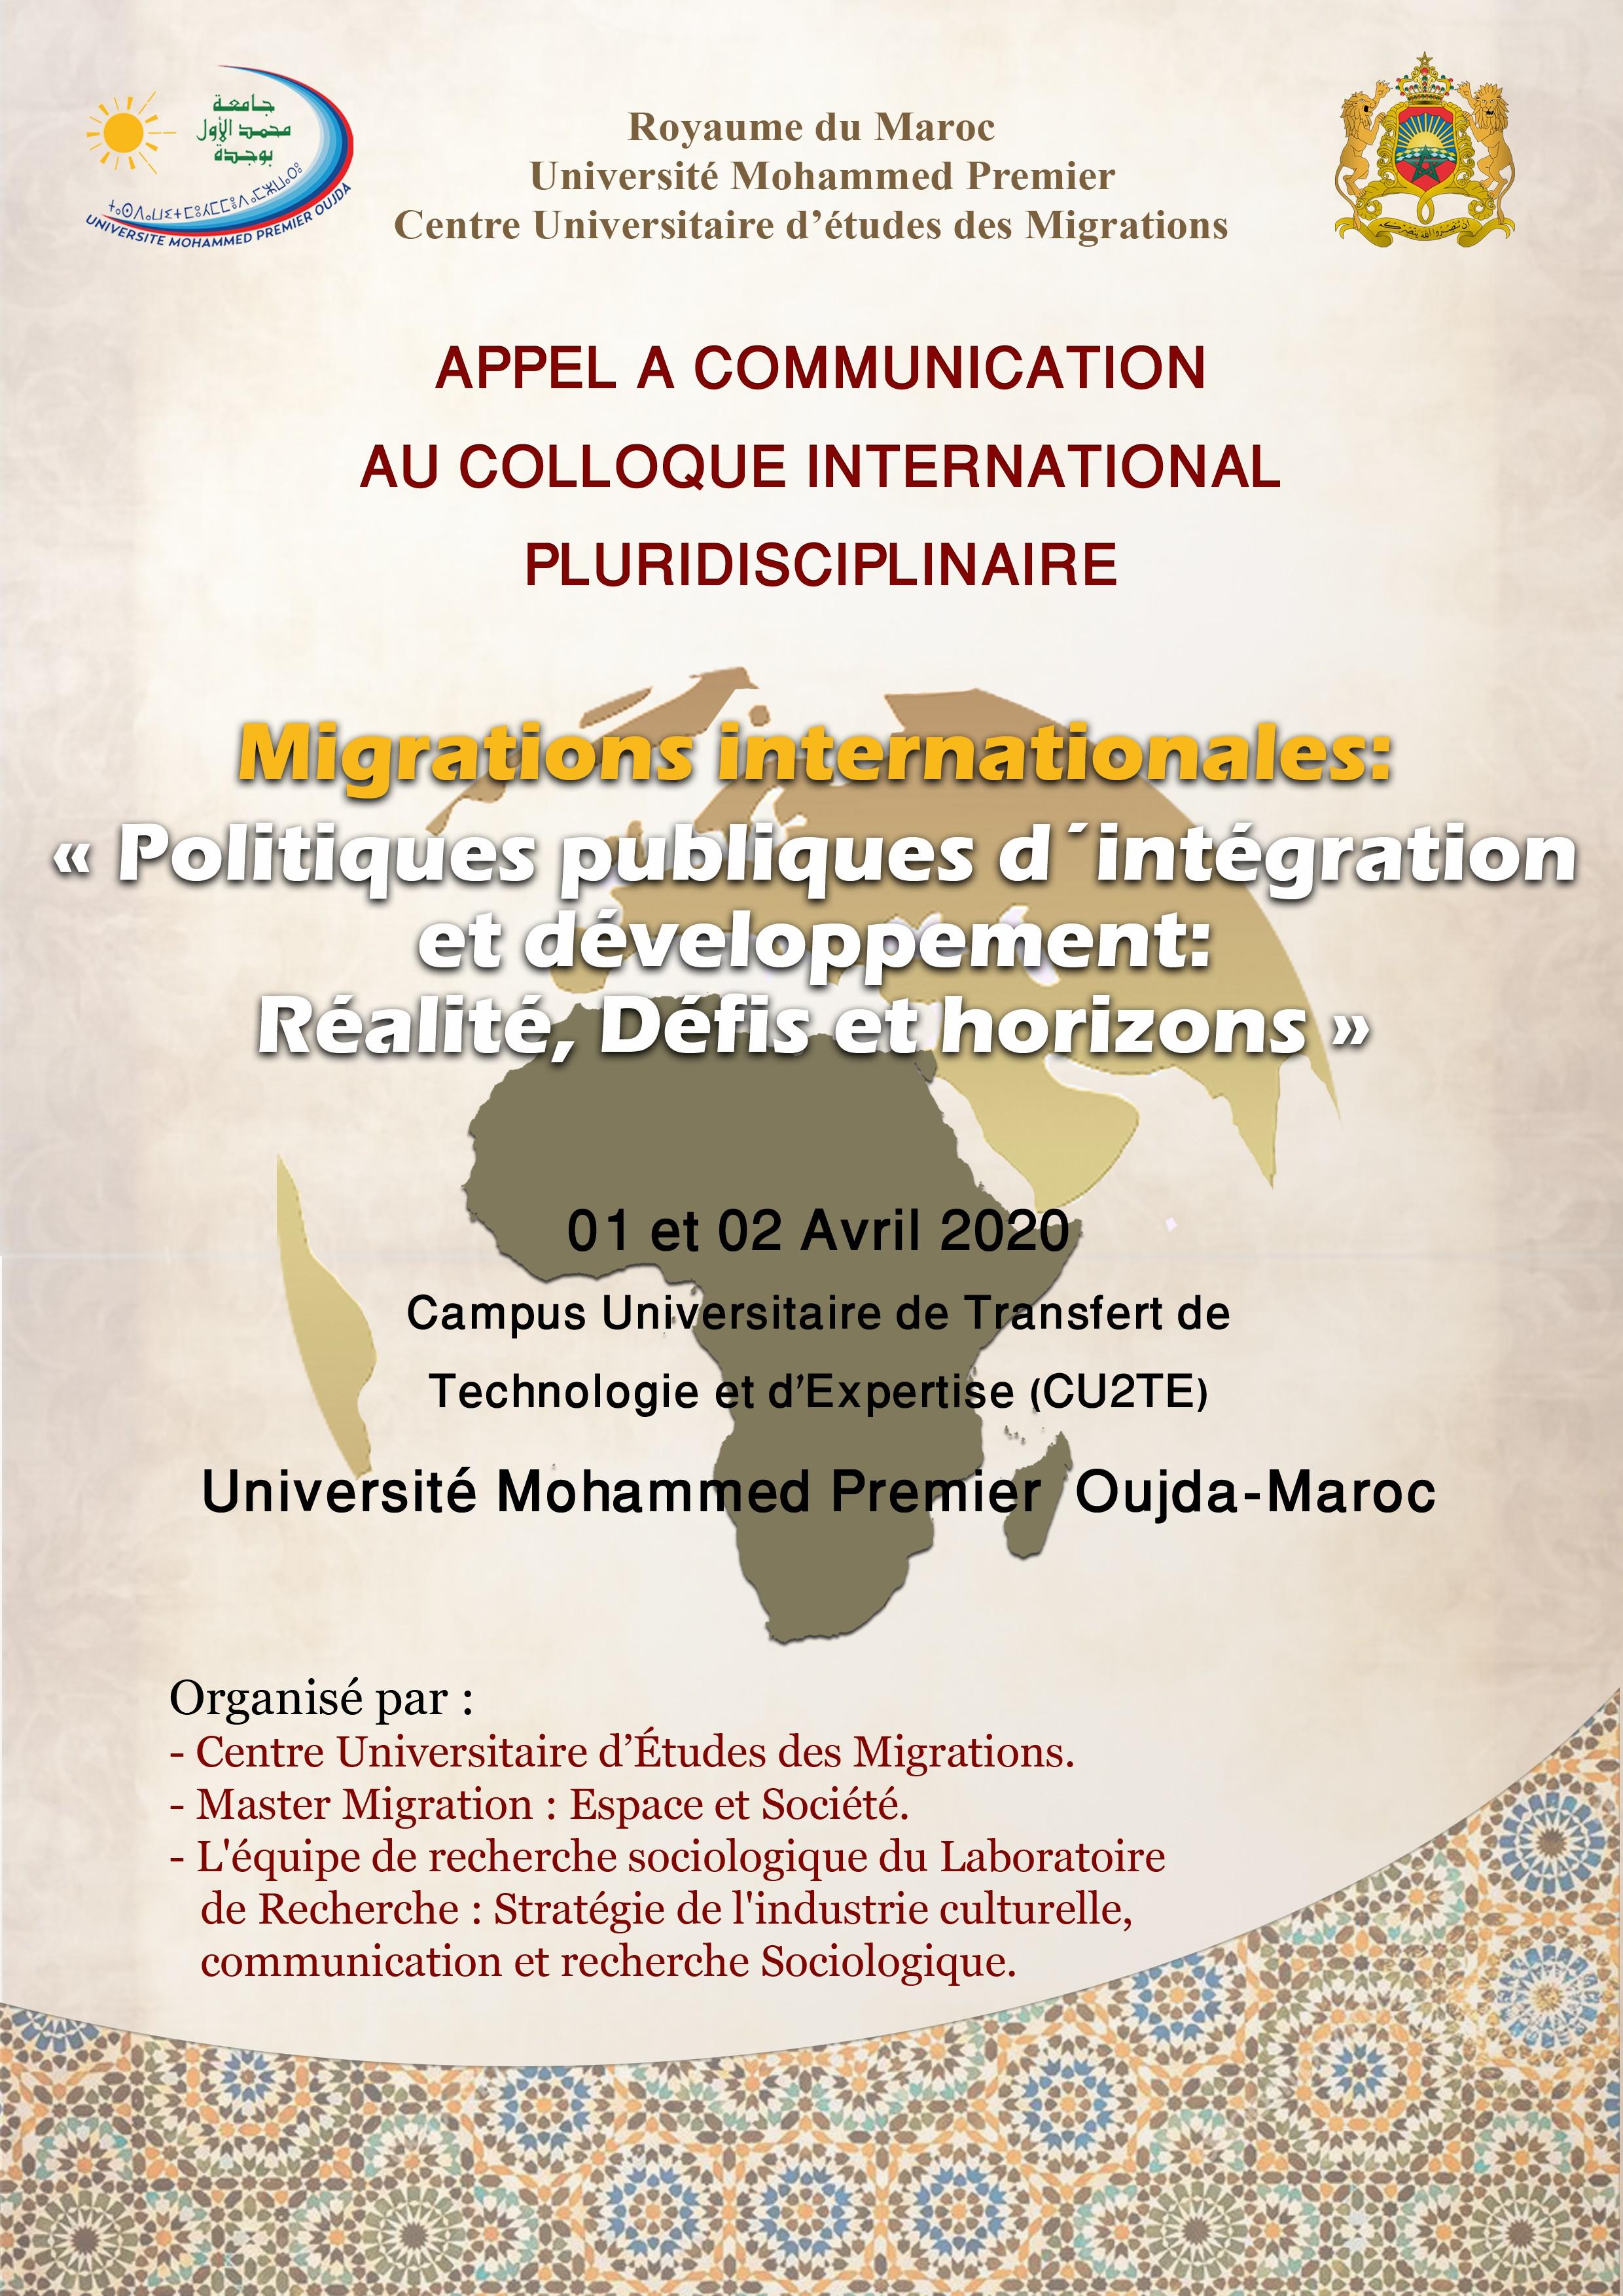 """Migrations internationales: """"Politiques publiques d'intégration  et développement: Réalité, Défis et horizons"""""""